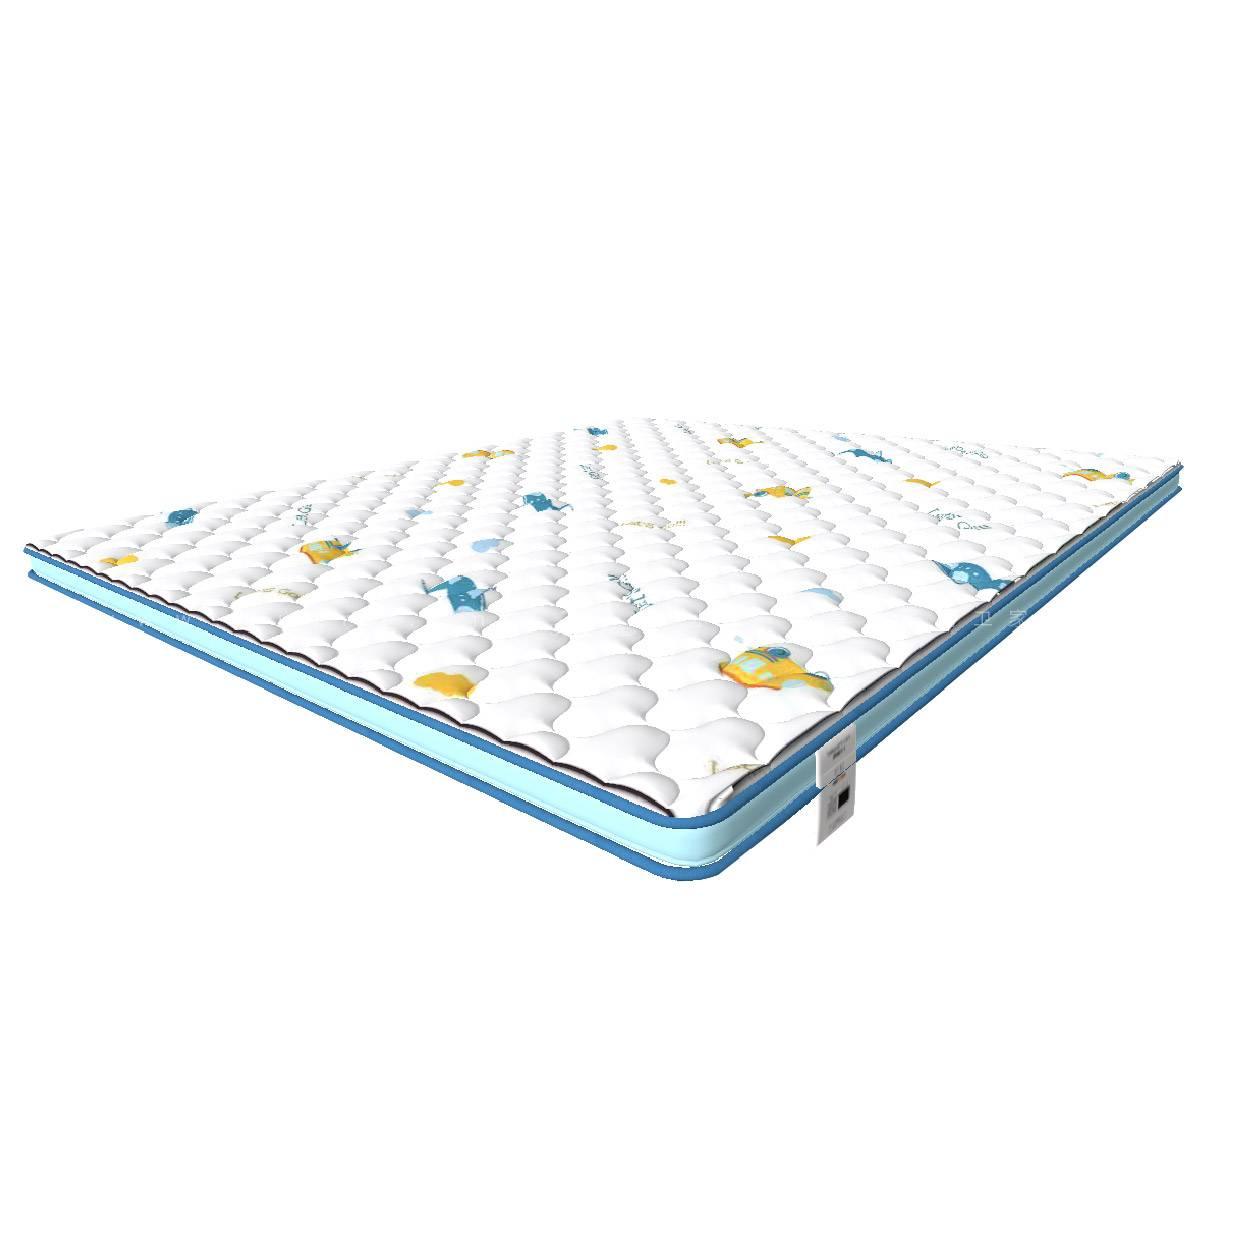 鹿眠1号床垫·黄麻硬支撑乳胶软缓冲(提前20天申请发货)